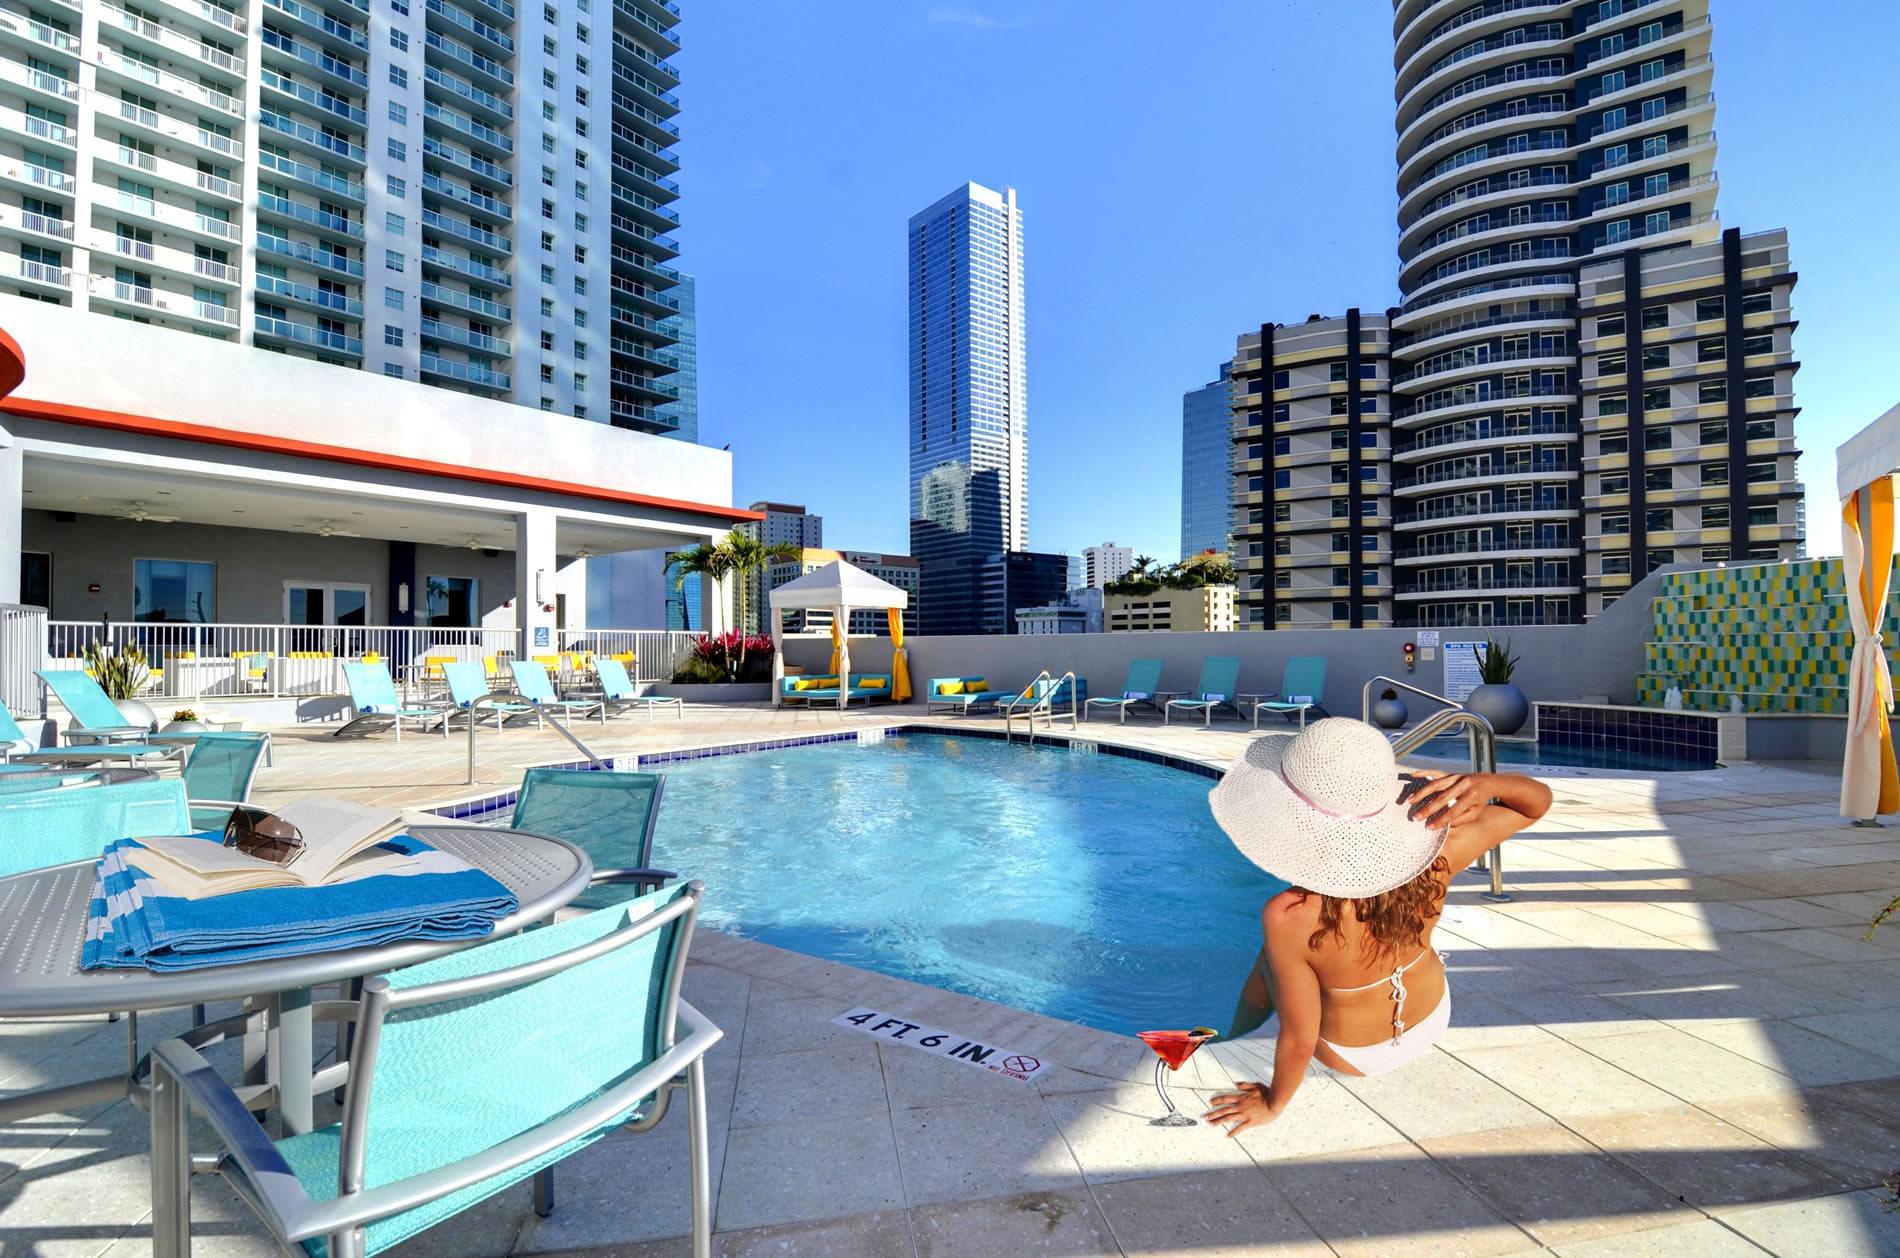 Hampton inn suites by hilton miami brickell downtown for Pool design miami